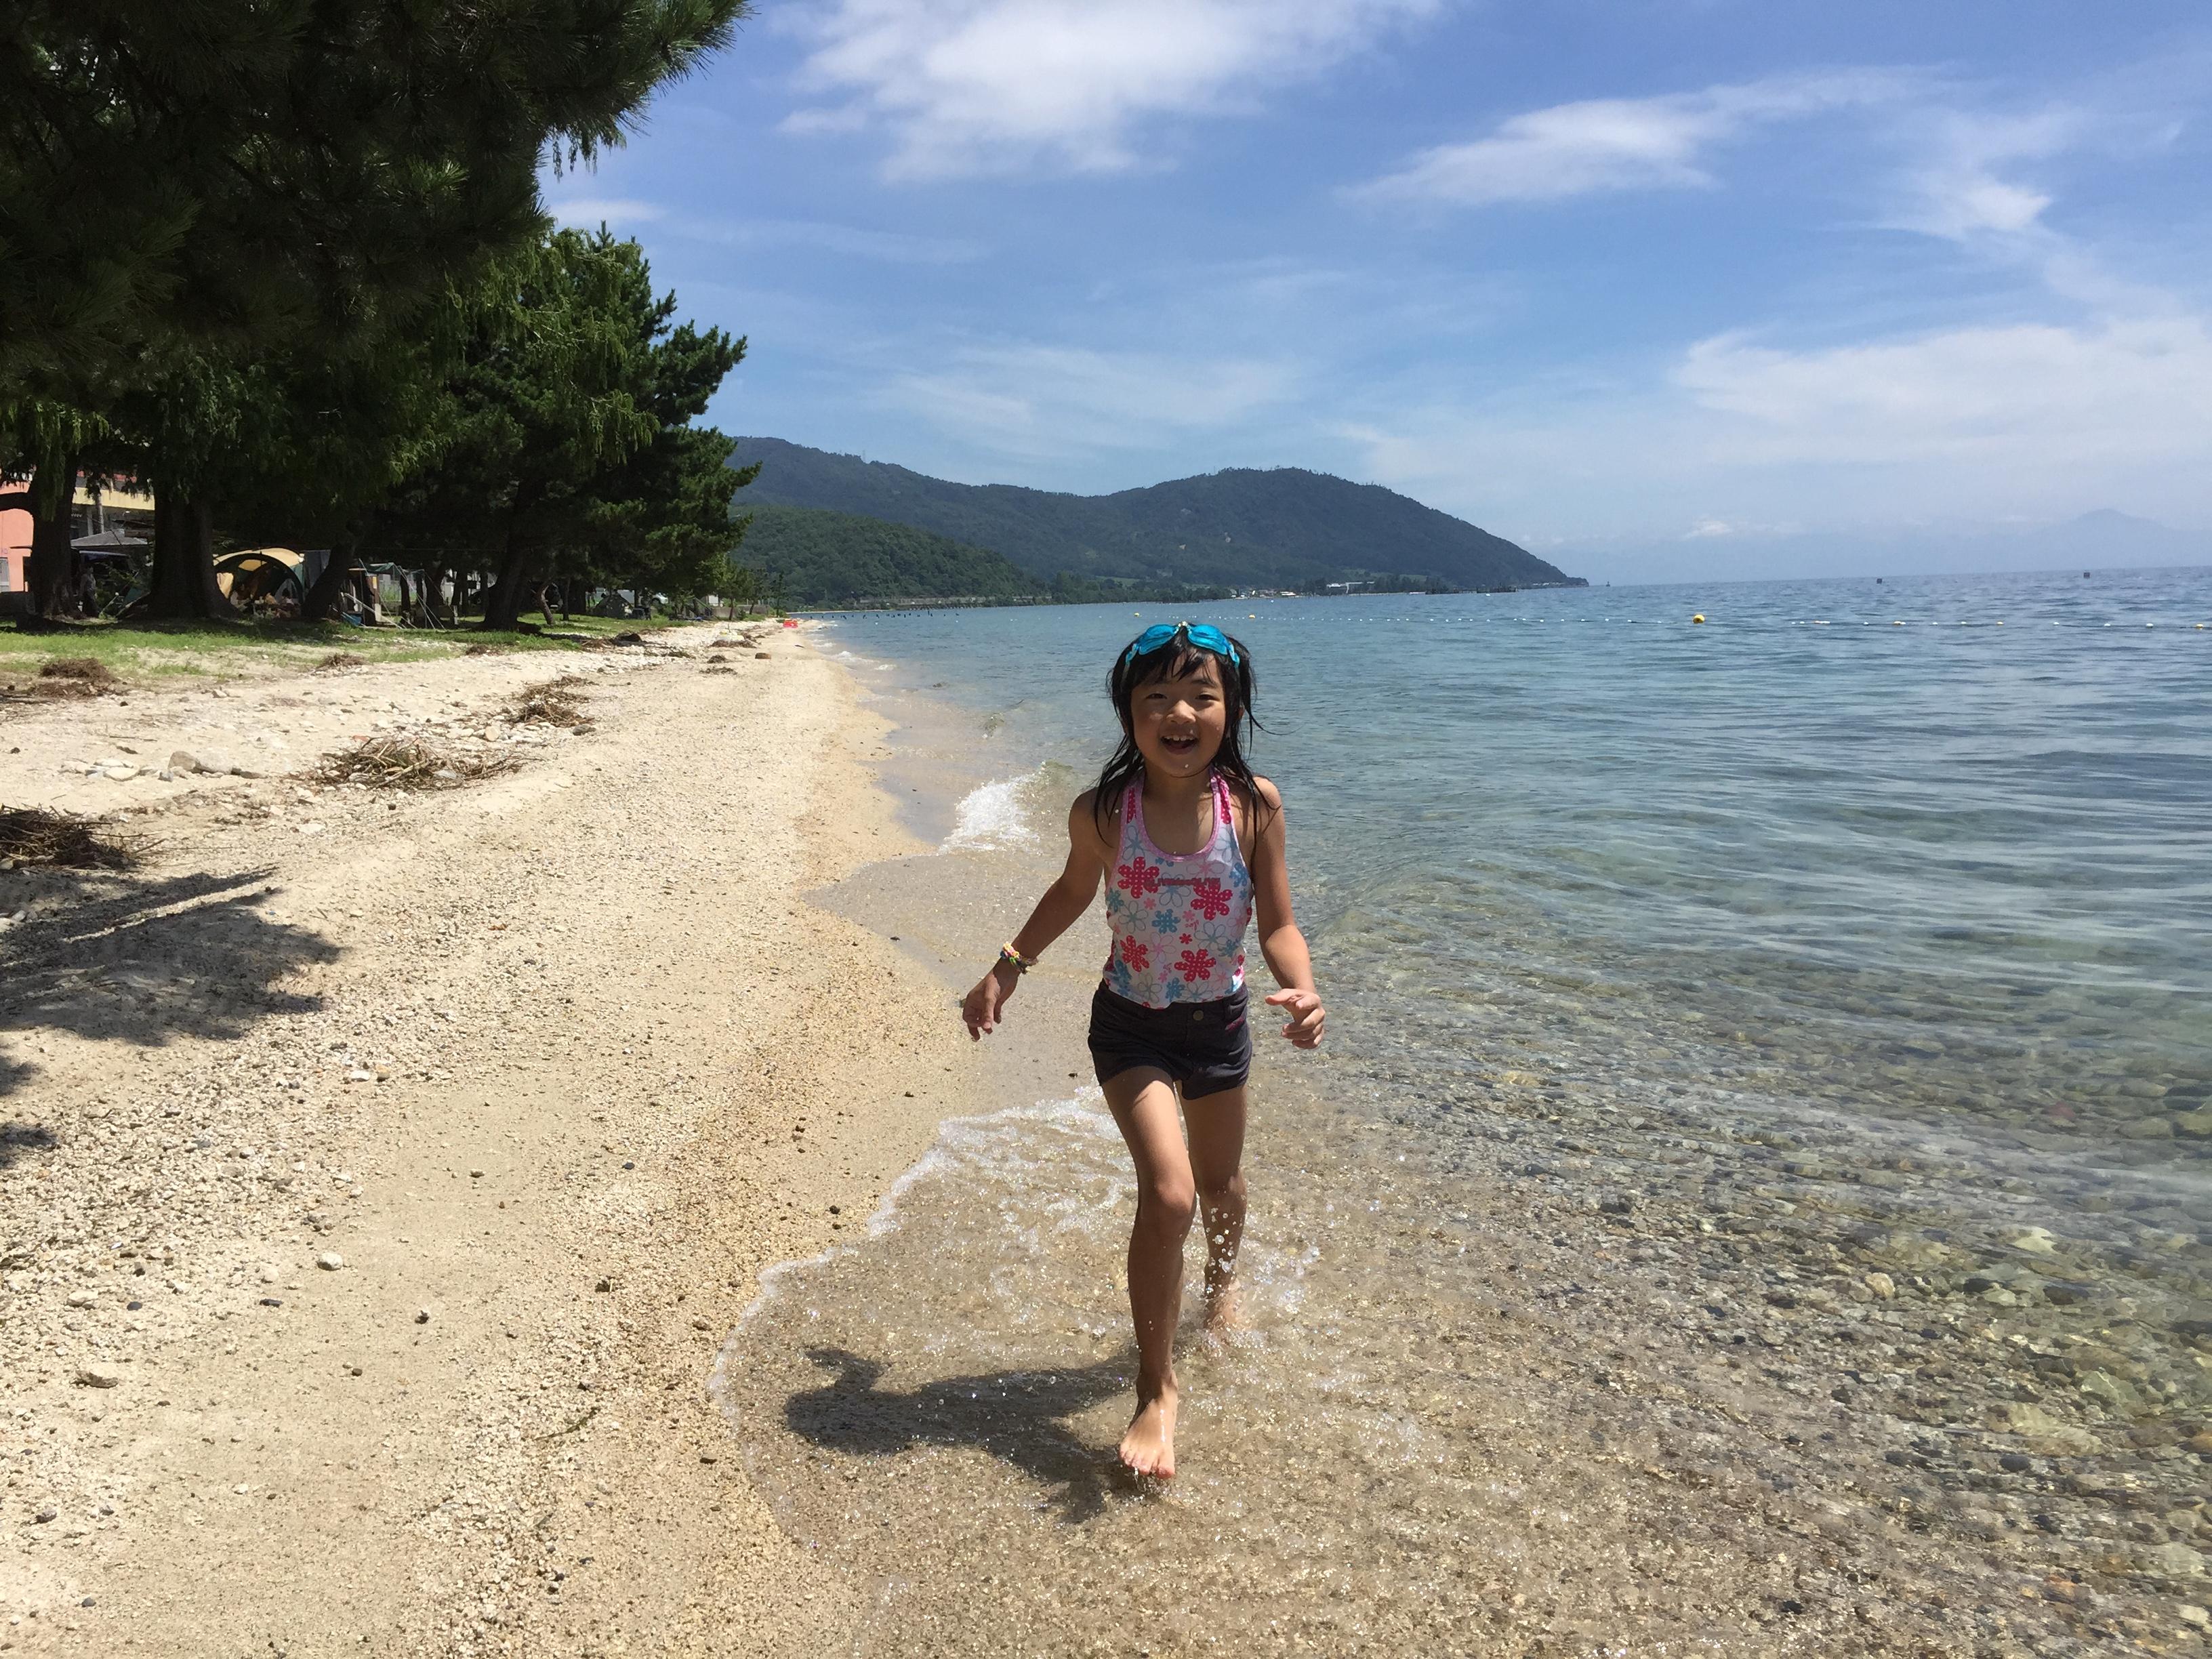 琵琶湖花火キャンプのいいとこ見つけた!北小松水泳場キャンプ場